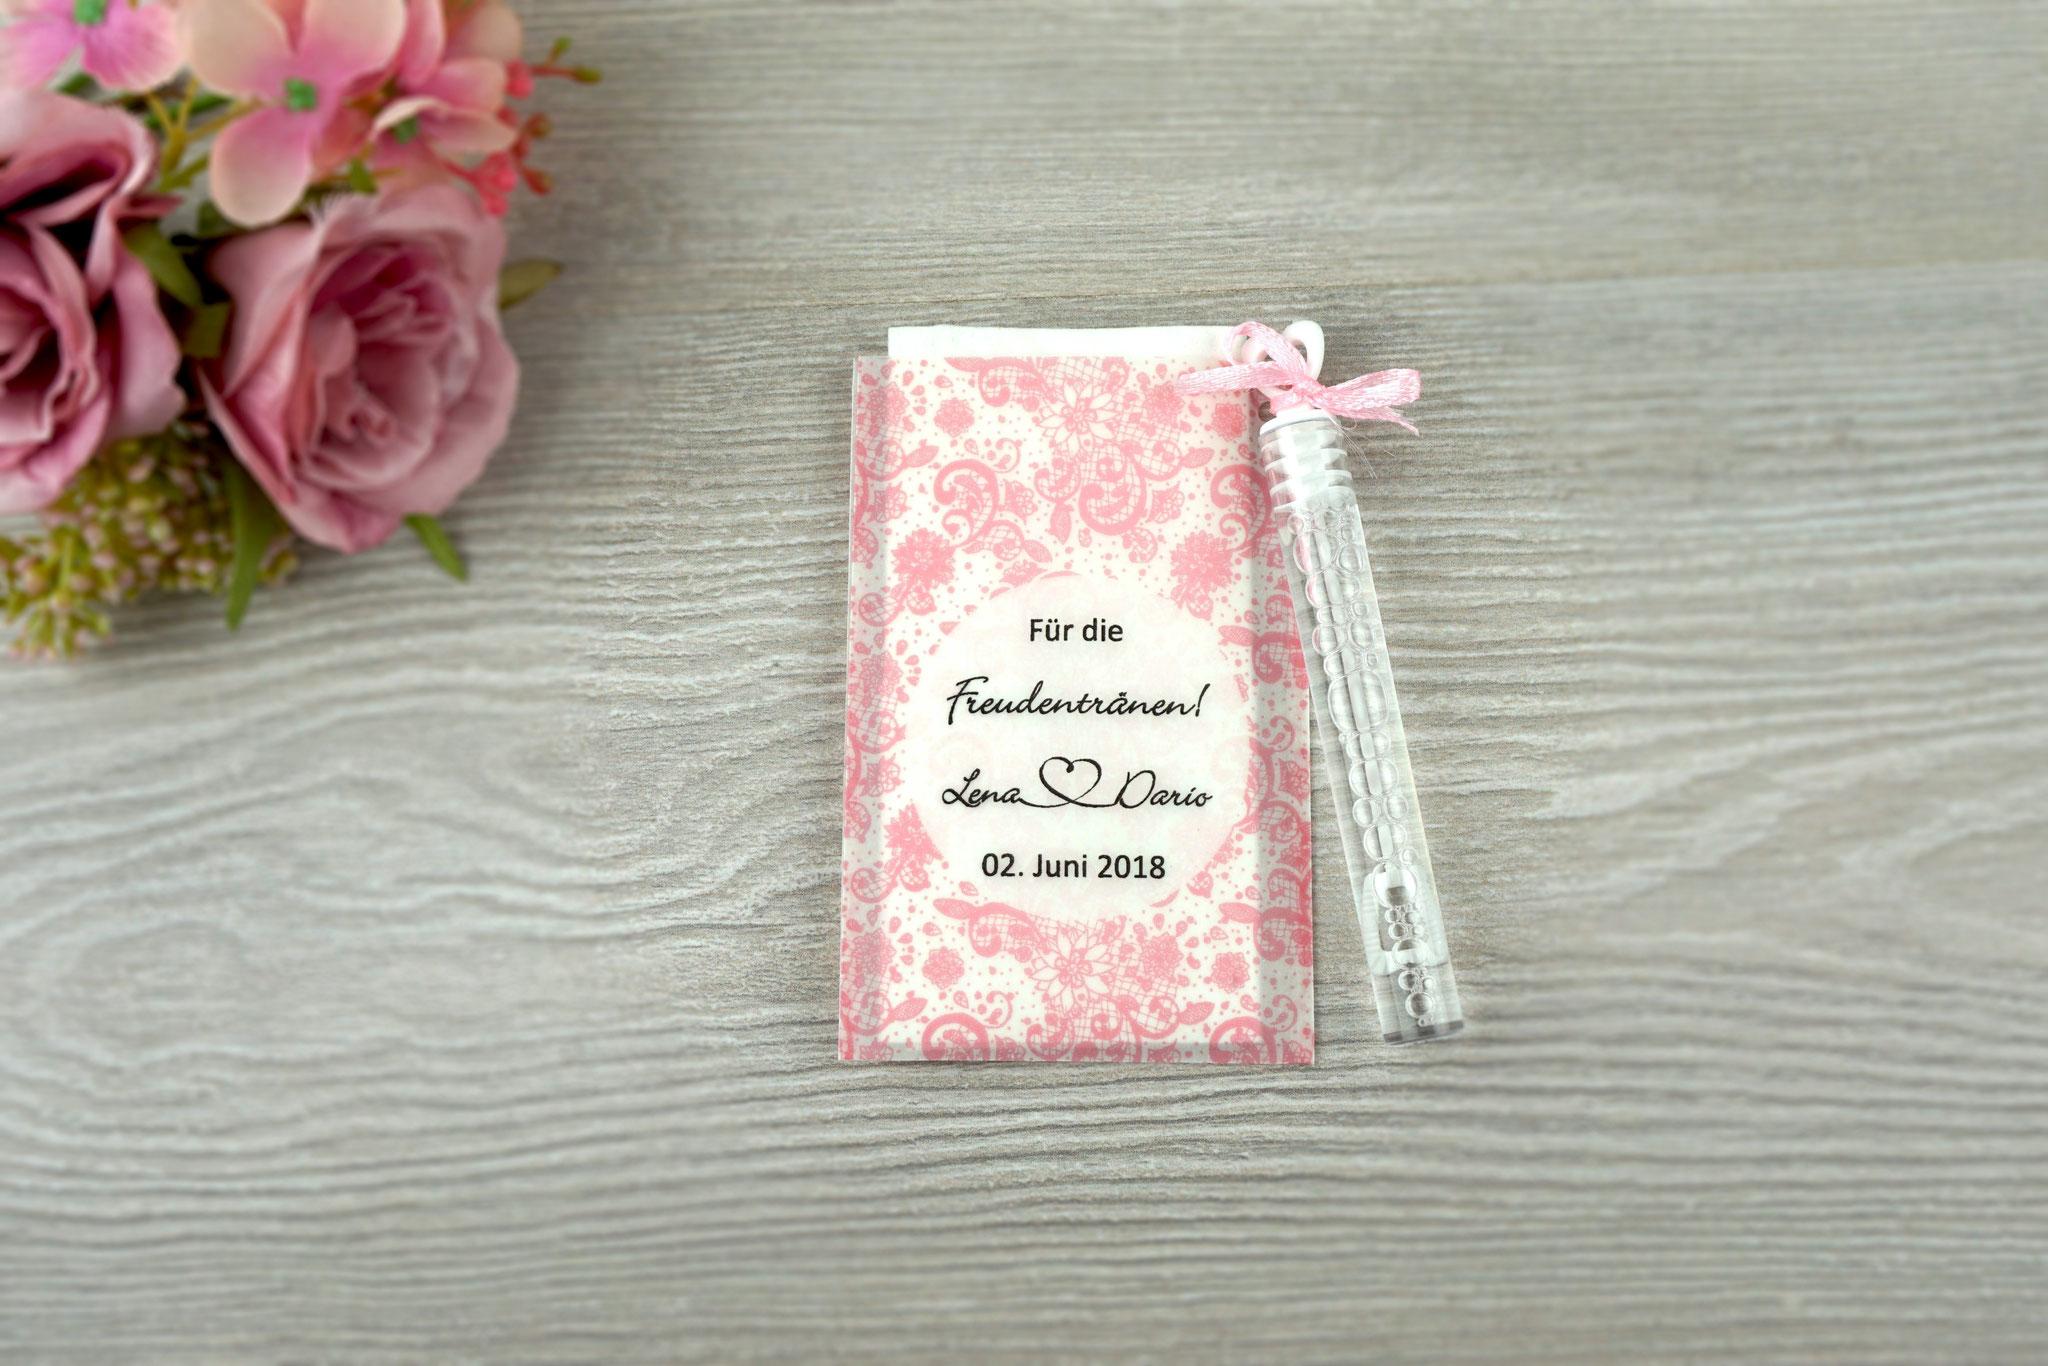 Freudentränen Taschentücher mit Seifenblasen, Design Spitze Vintage, Farbe rosa, Satinband